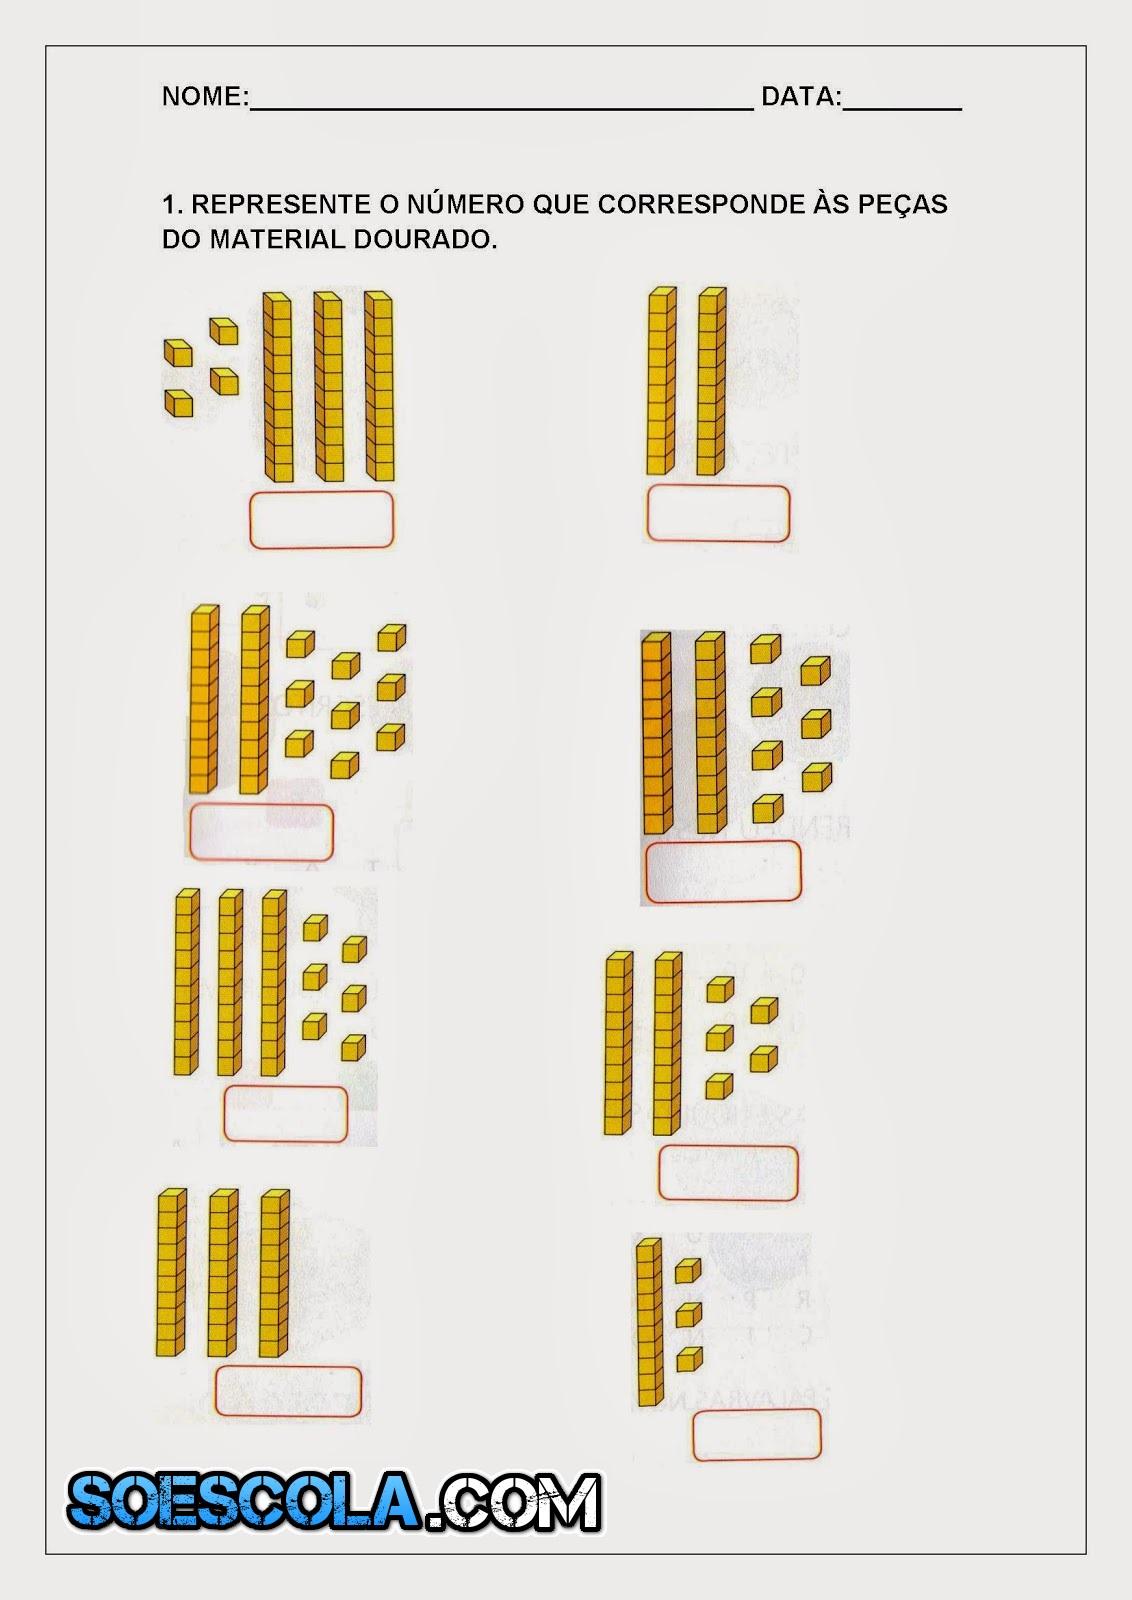 uma sequência de atividades para alunos do 1º ano do ensino fundamental I.   São três folhas de atividades com o objetivo de ensinar o aluno a contar e a representação do números.